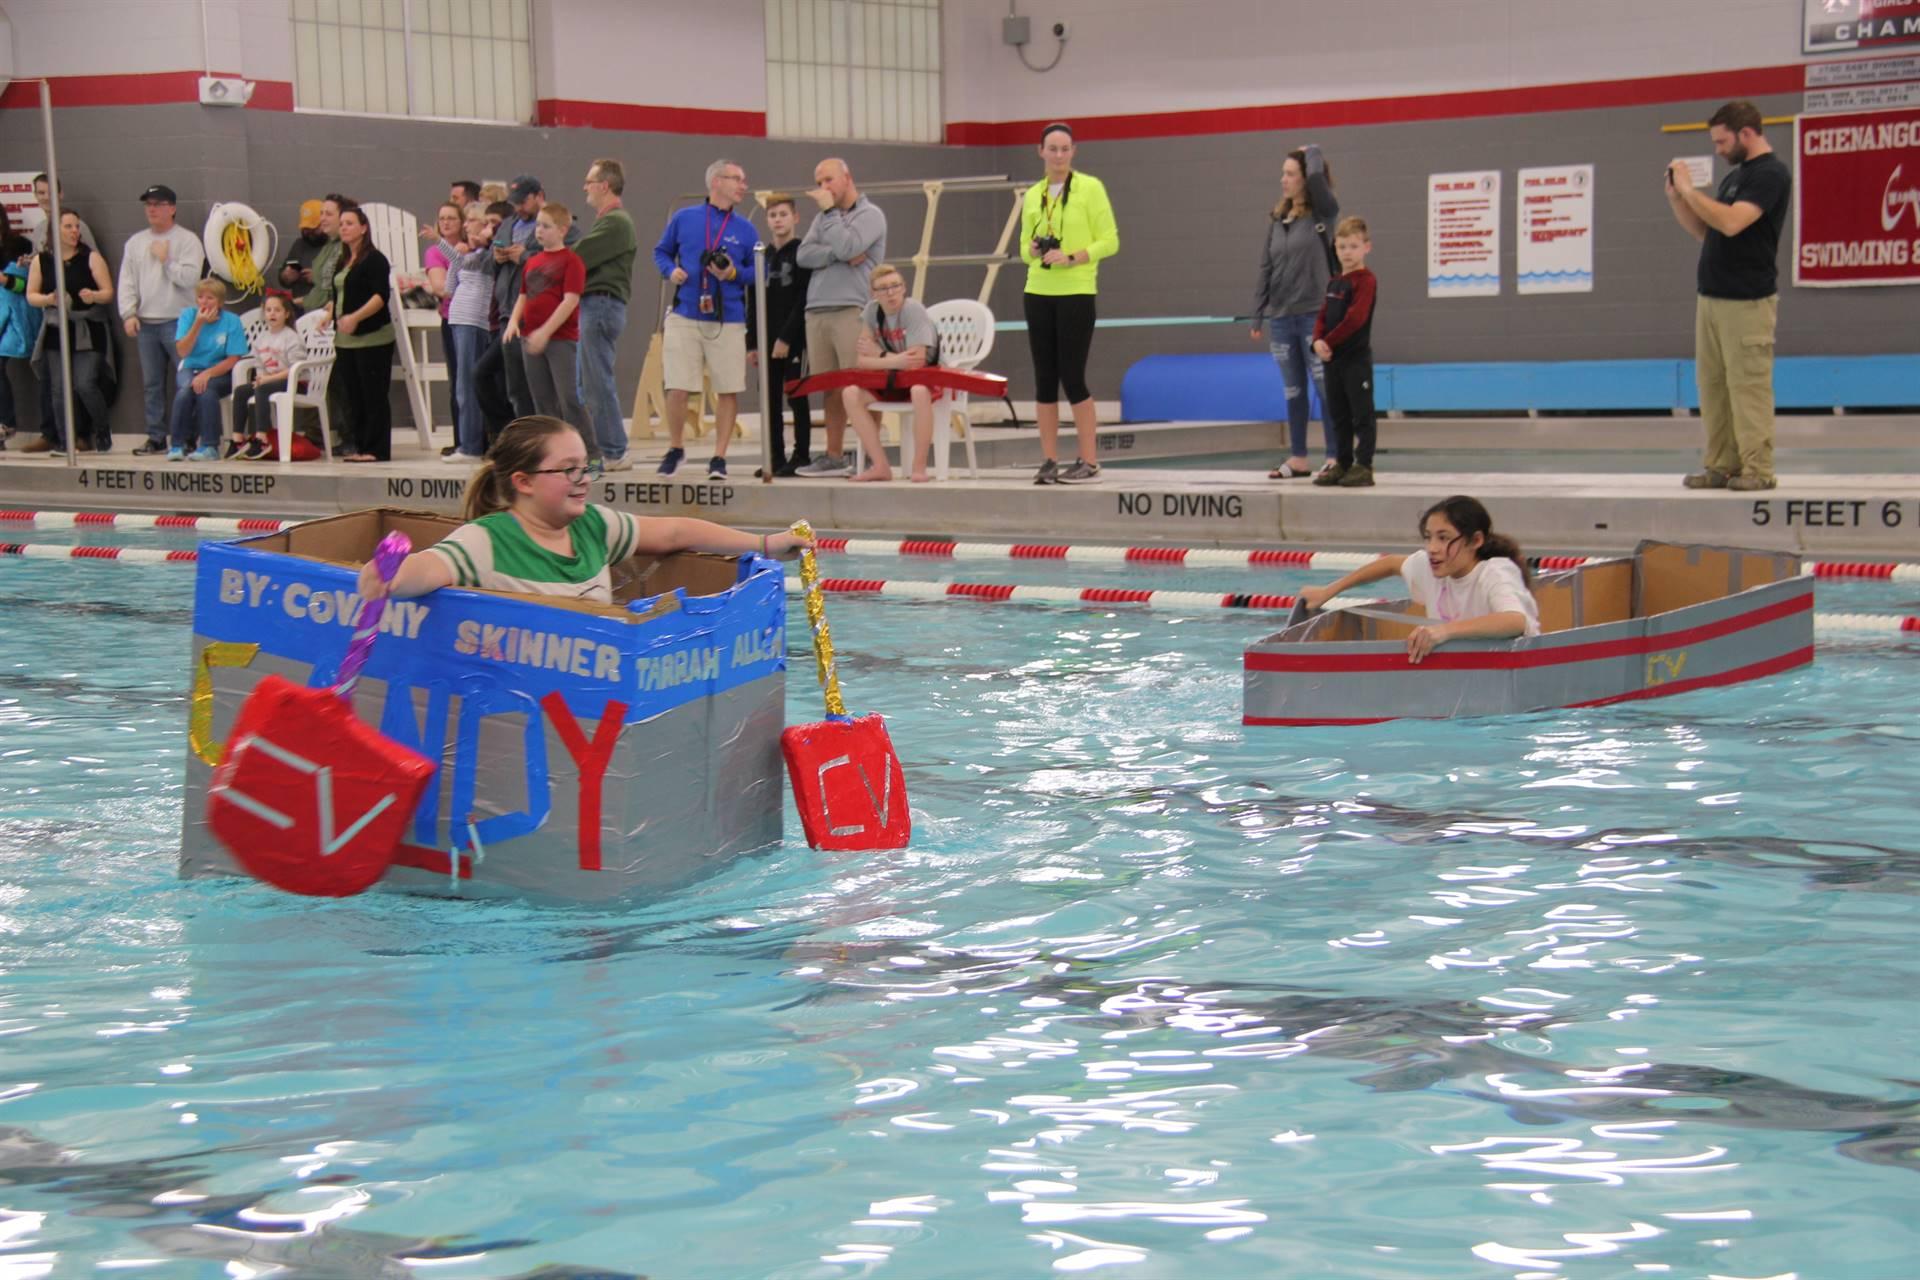 Middle School Cardboard Boat Races 46